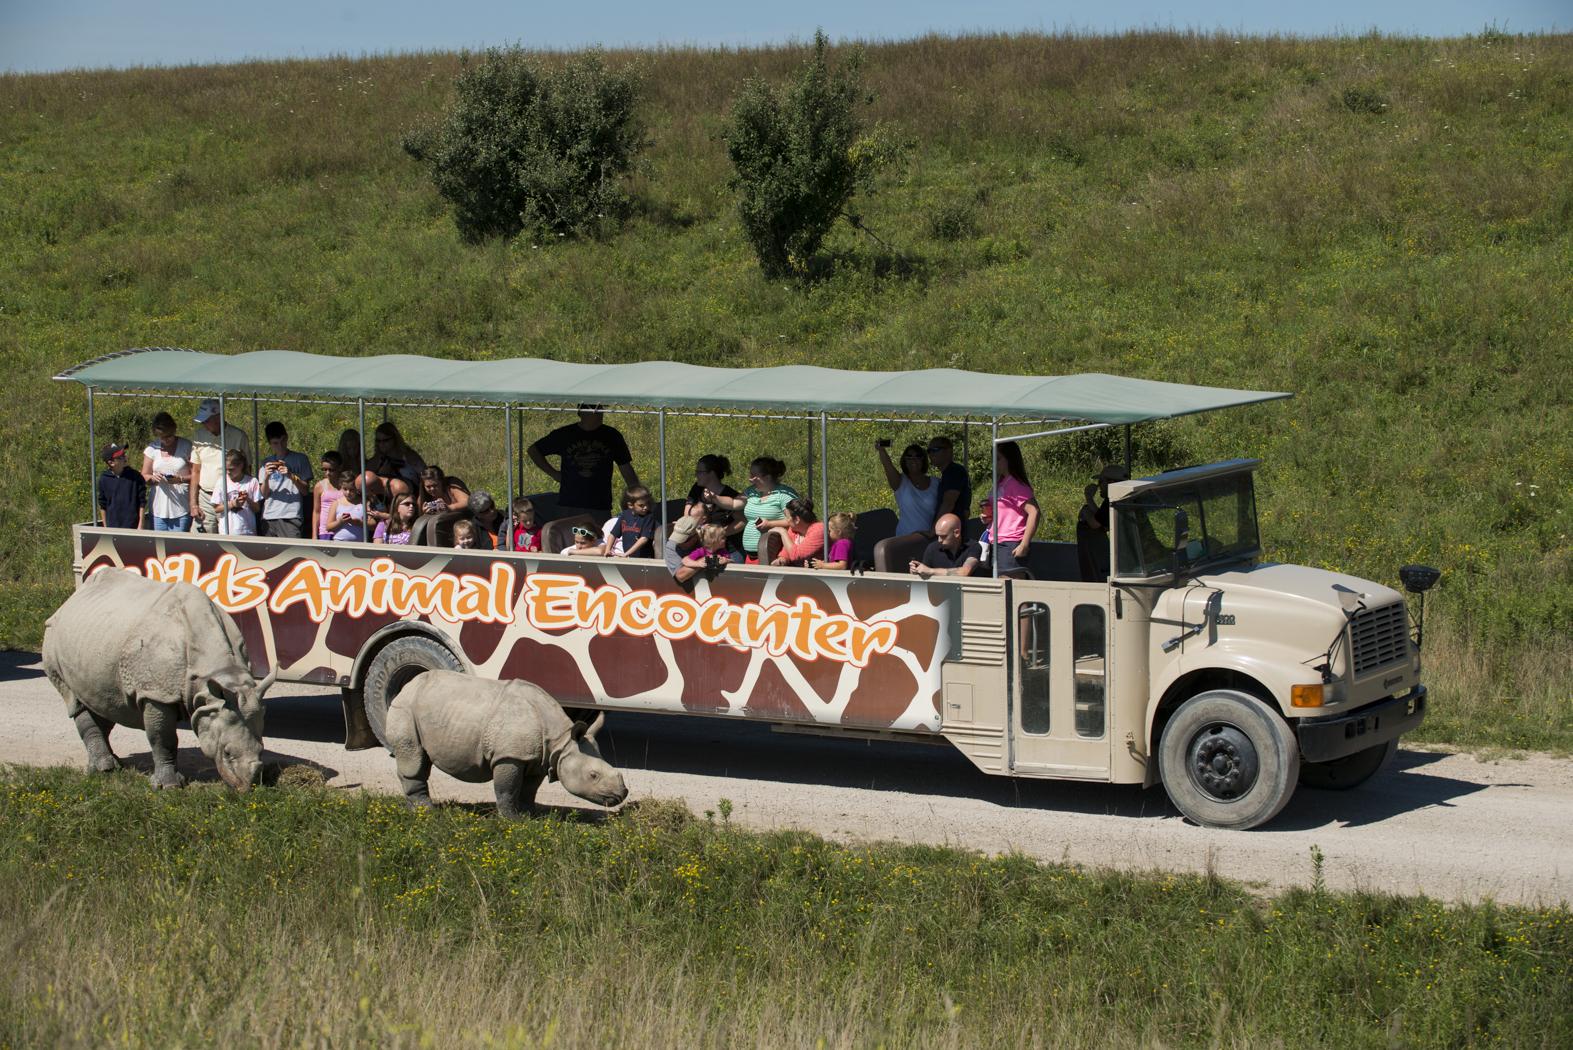 Safari In Ohio >> Safari In Ohio Take A Wilds Tour